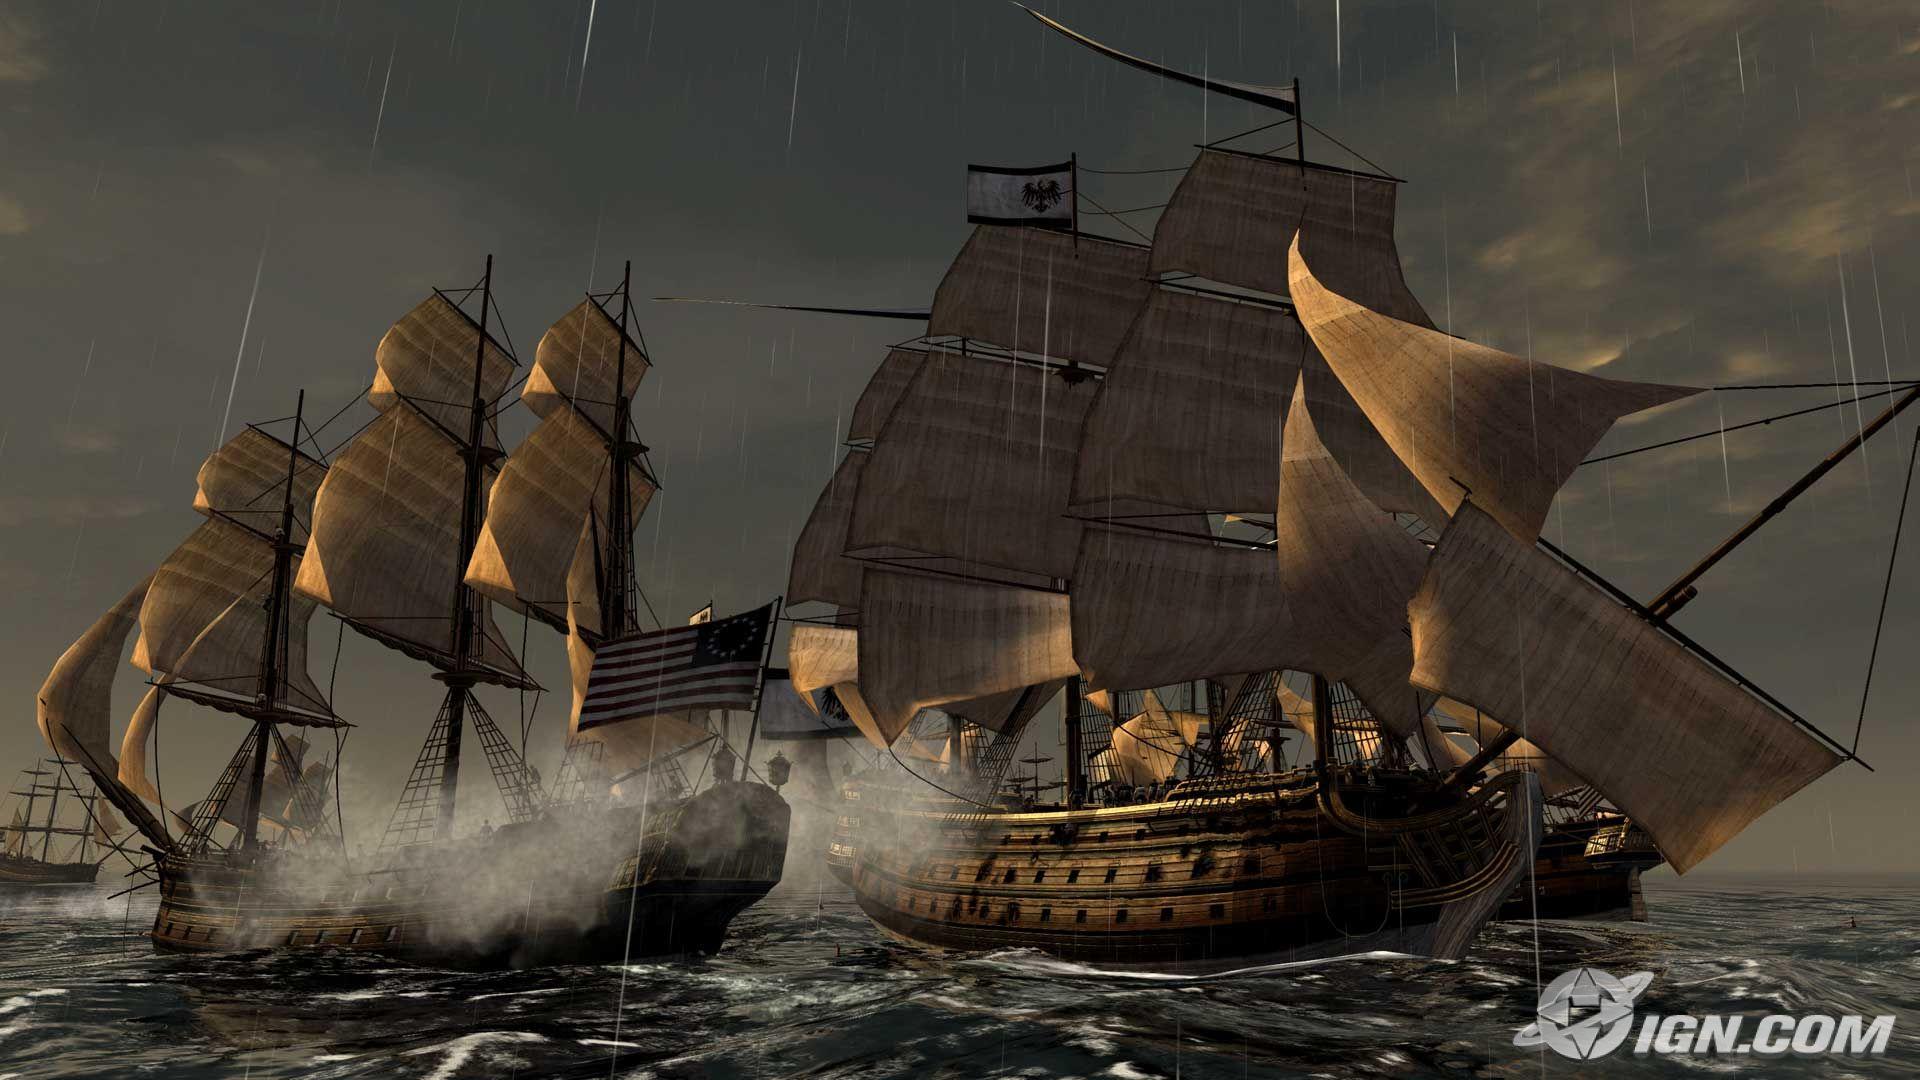 Empire Total War Naval Battle wallpaper   146796 1920x1080